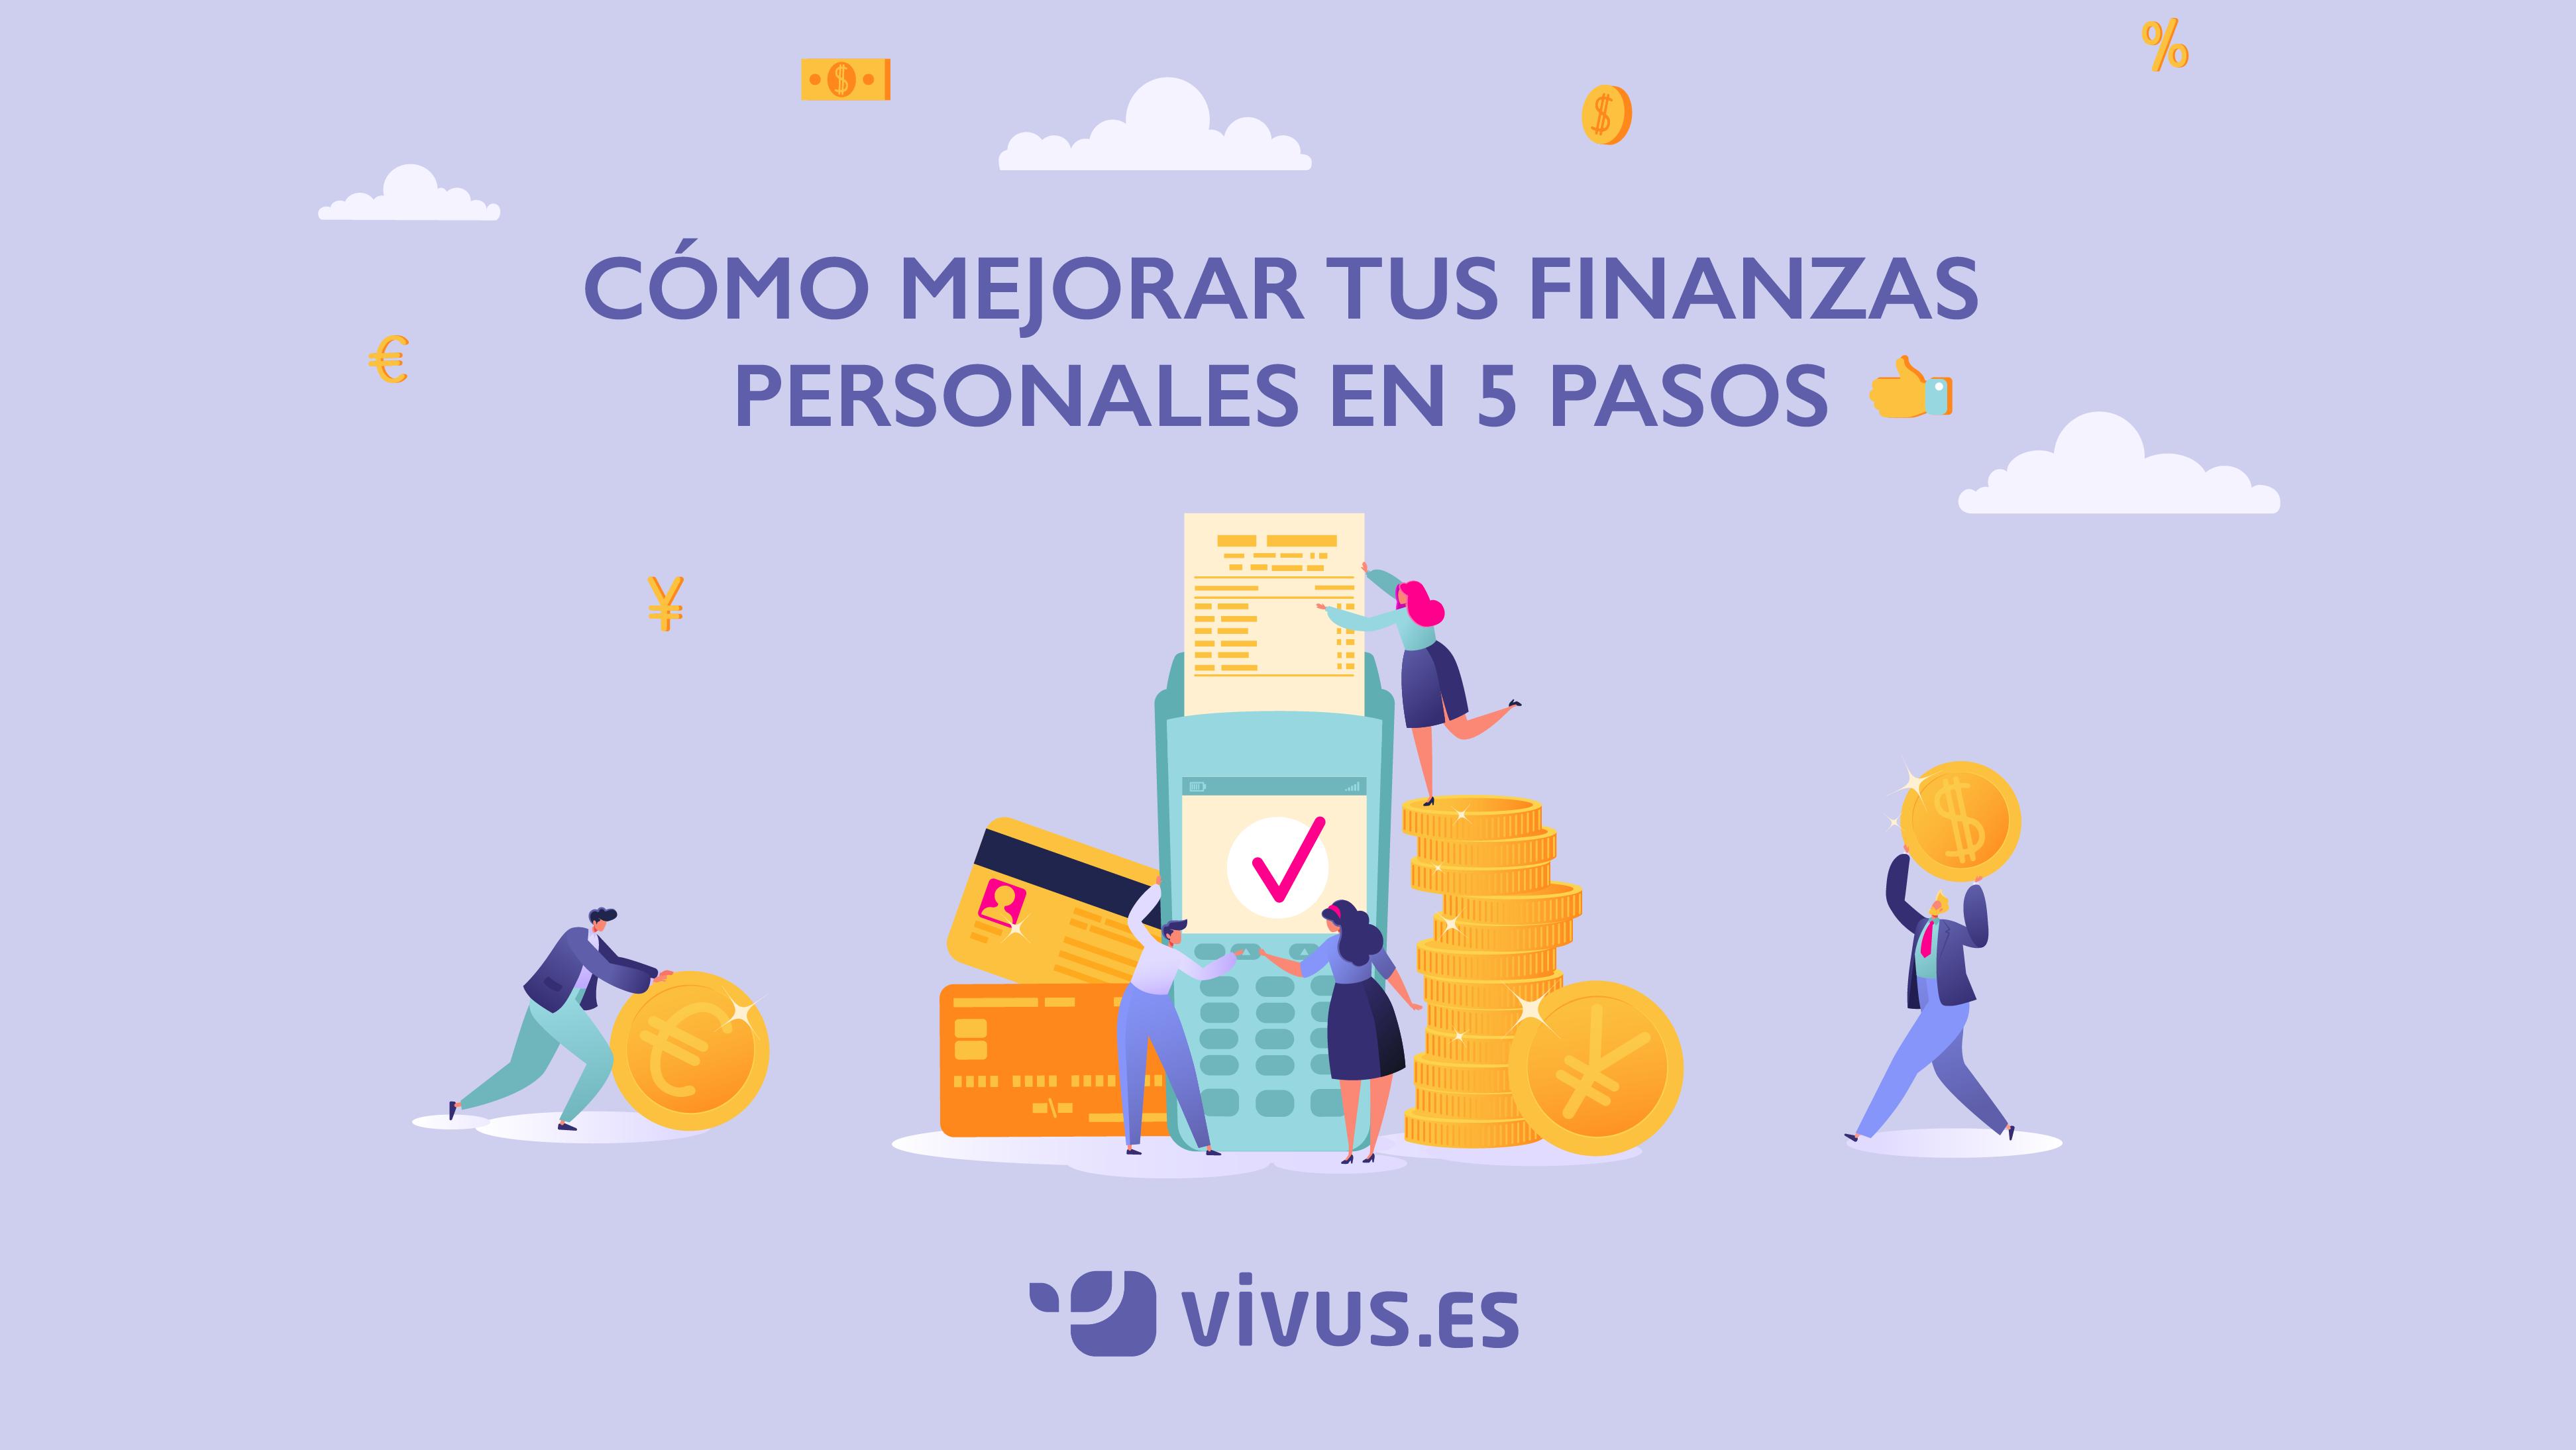 Guía básica para llegar a fin de mes sin sobresaltos | Vivus.es